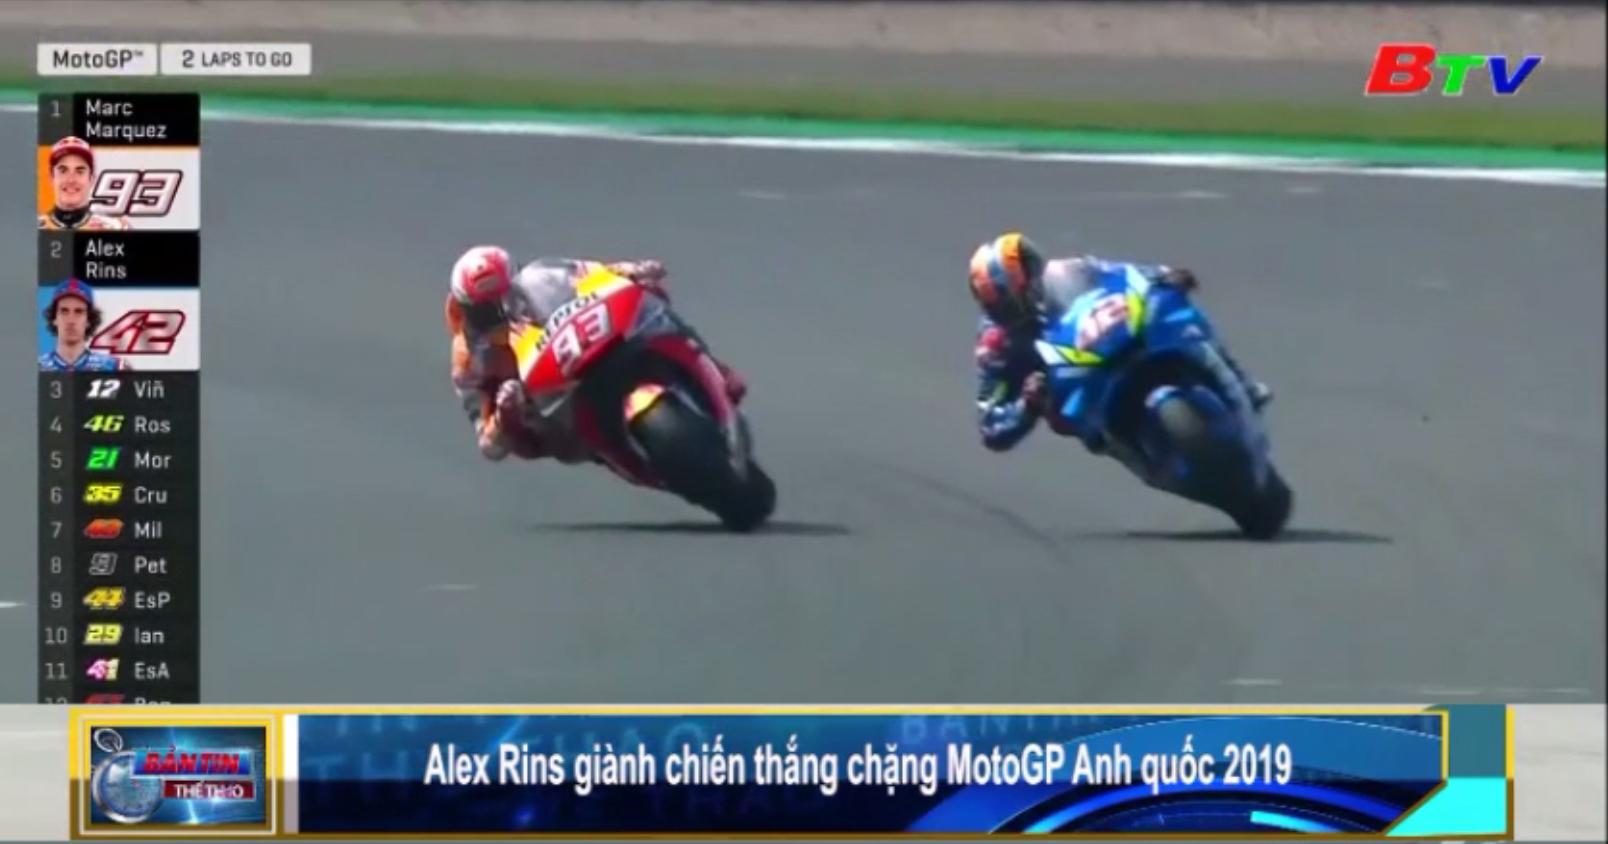 Alex Rins giành chiến thắng chặng MotoGP Anh quốc 2019